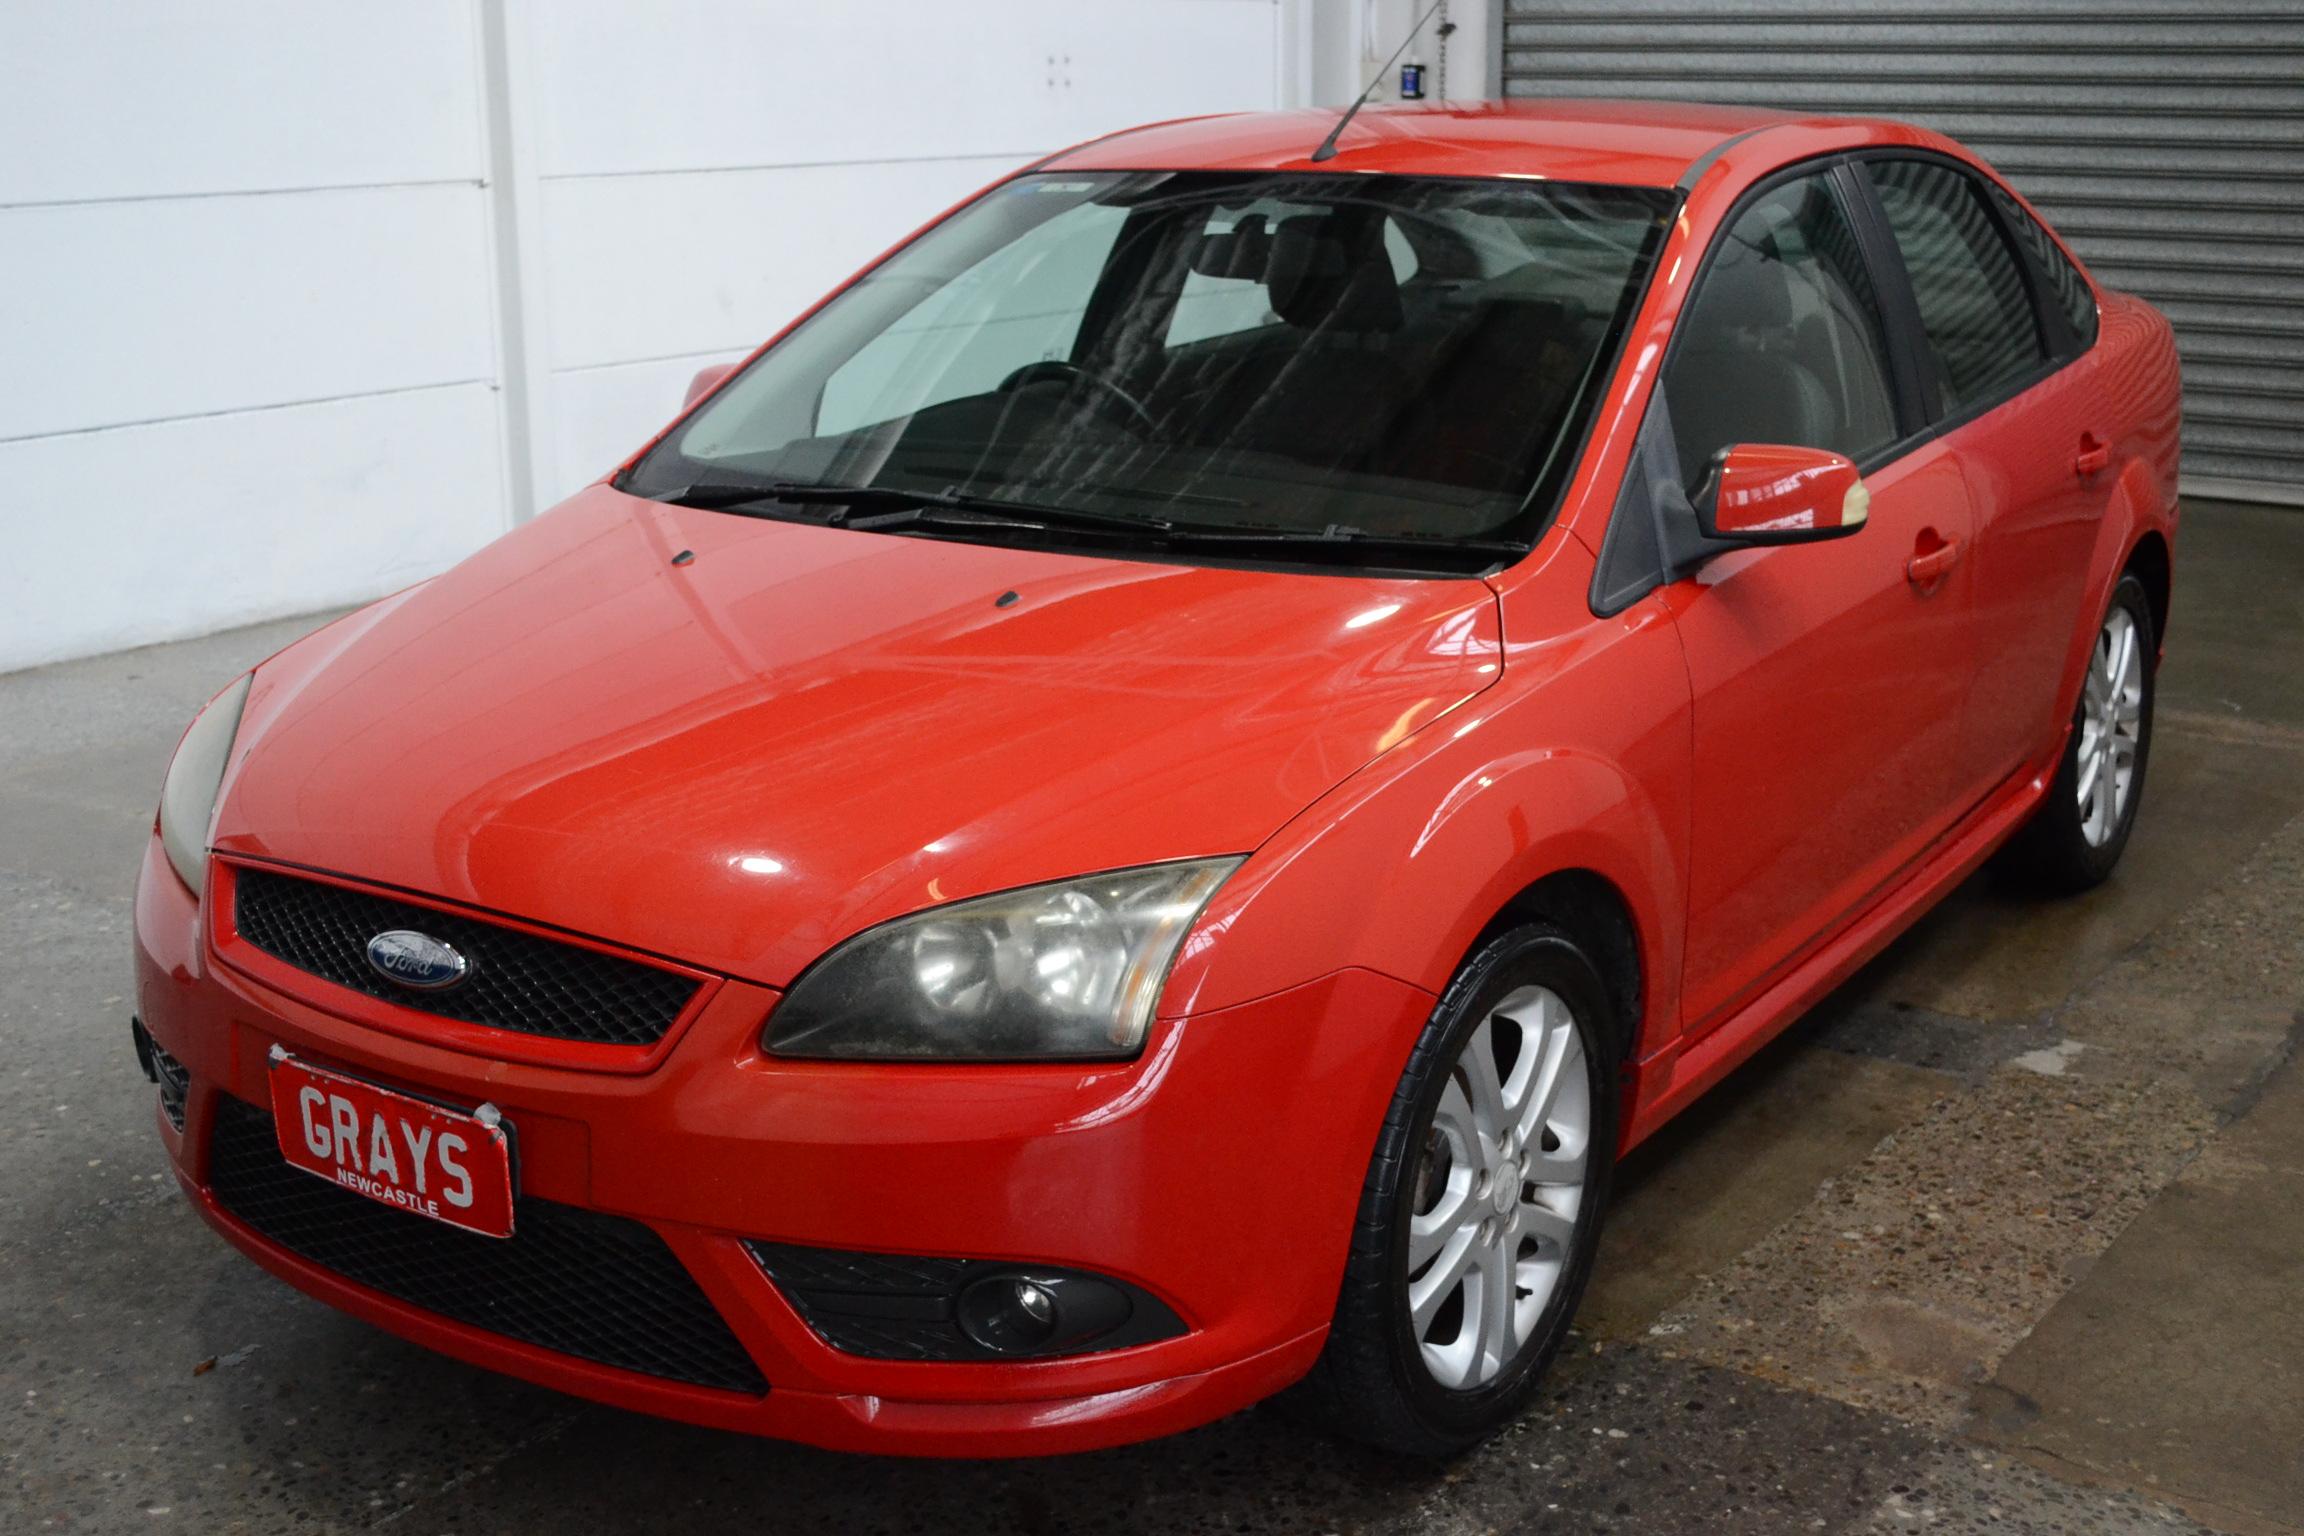 2008 Ford Focus Zetec LT Manual Sedan